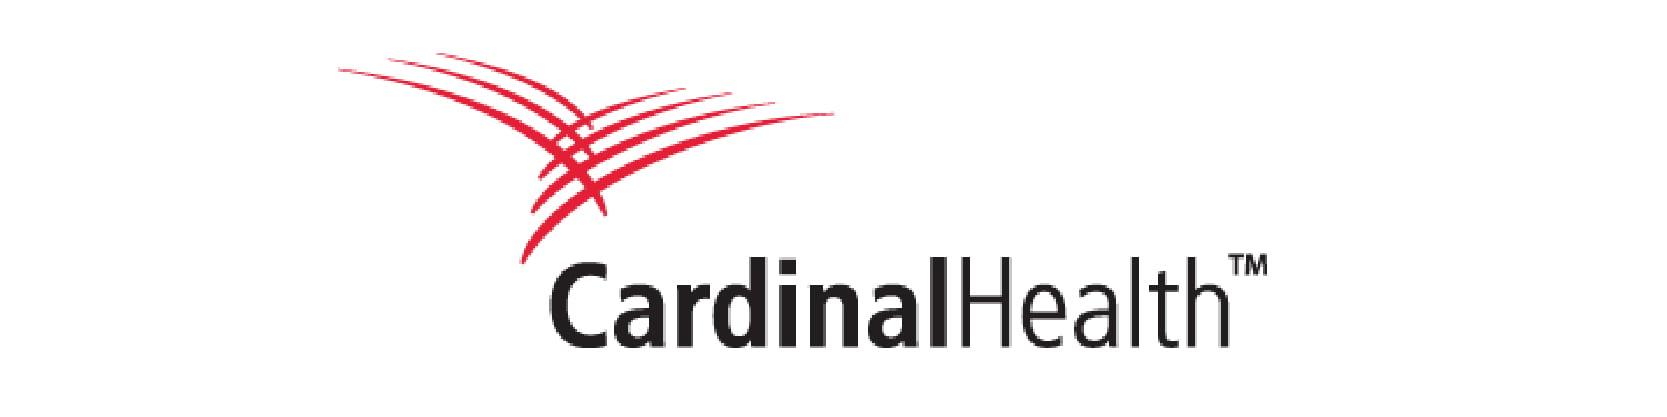 CardinalHealth_Logo_400x100